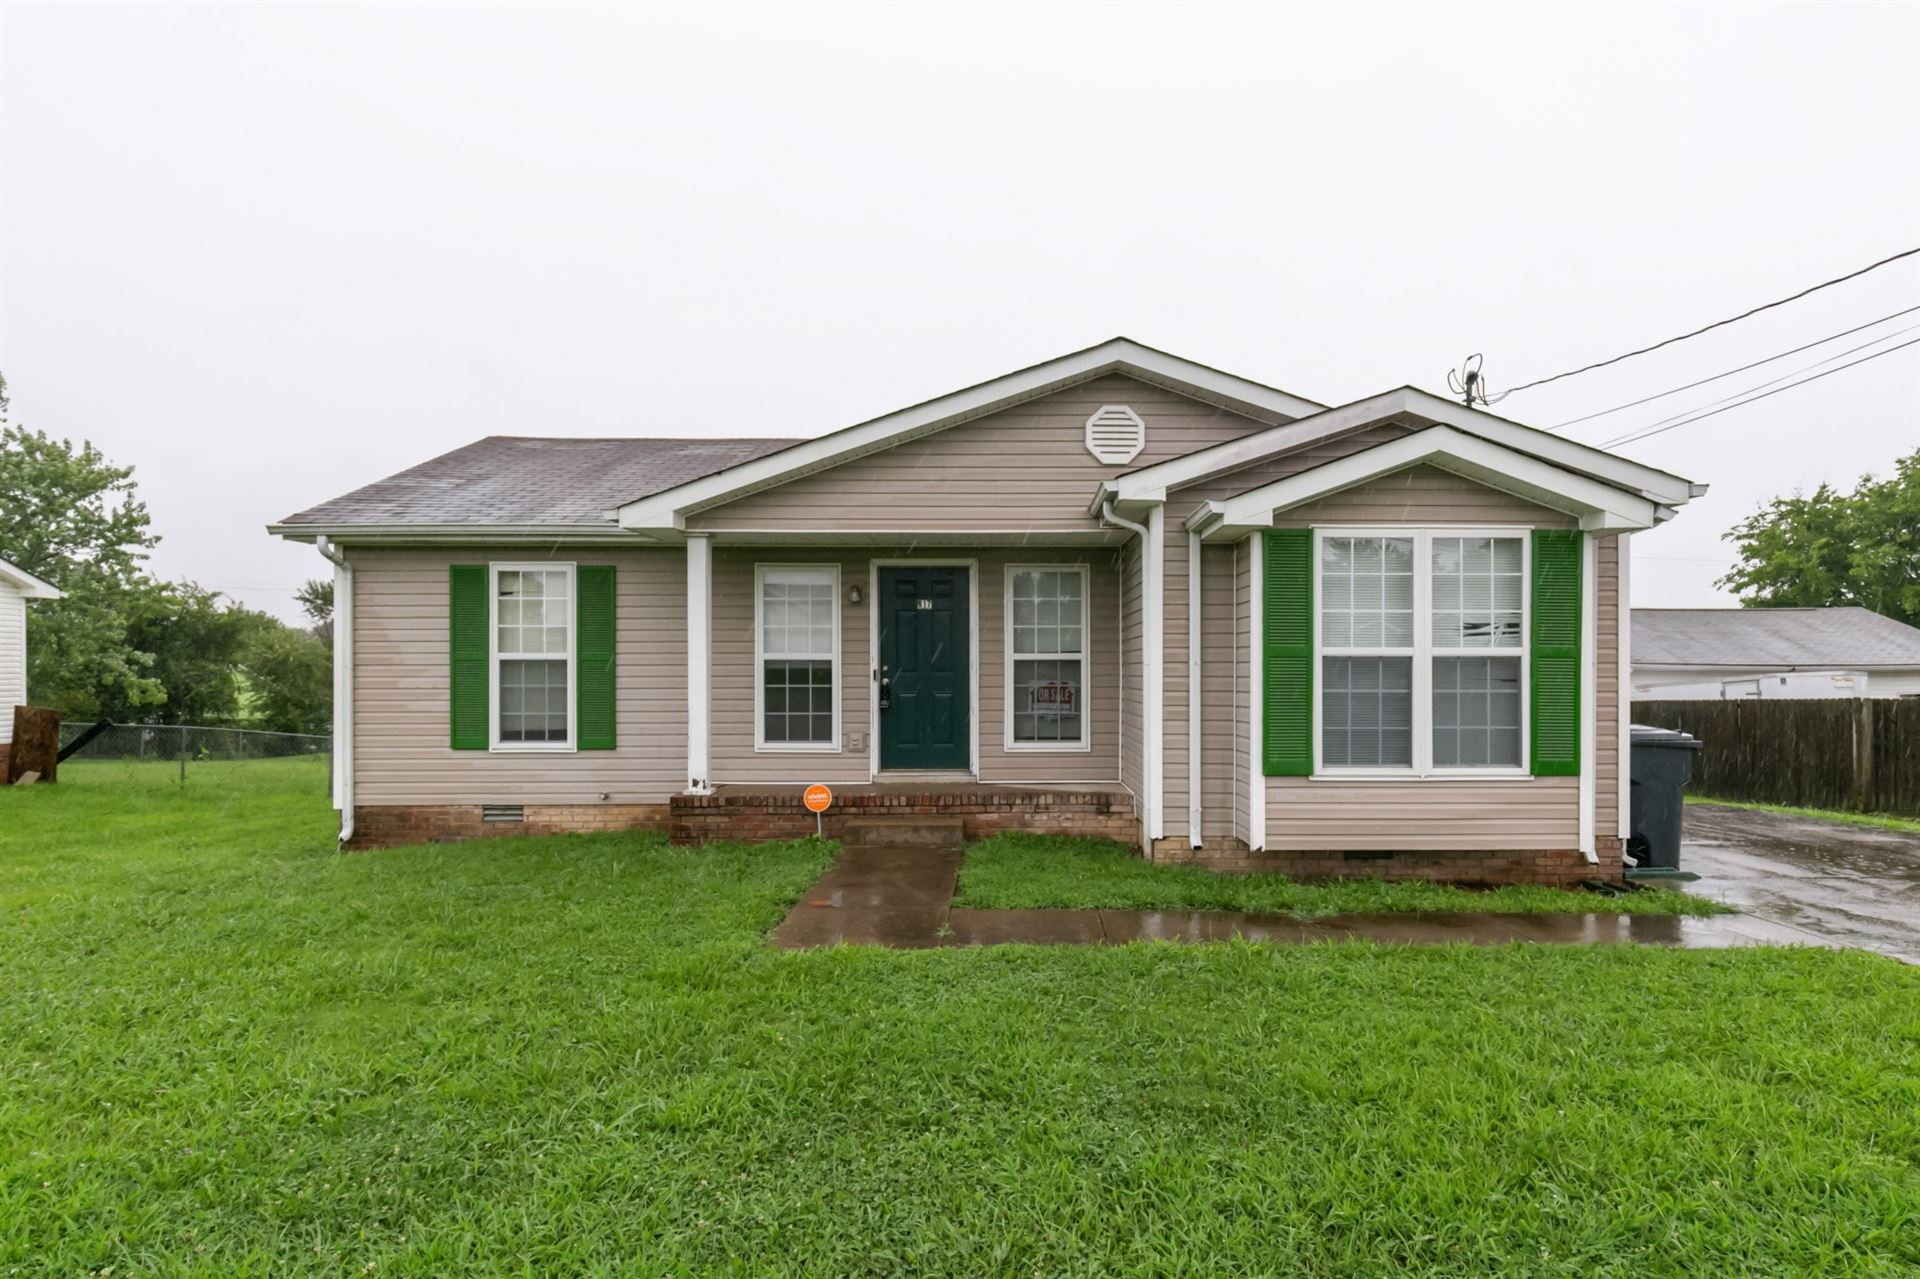 917 Van Buren Ave, Oak Grove, KY 42262 - MLS#: 2285094